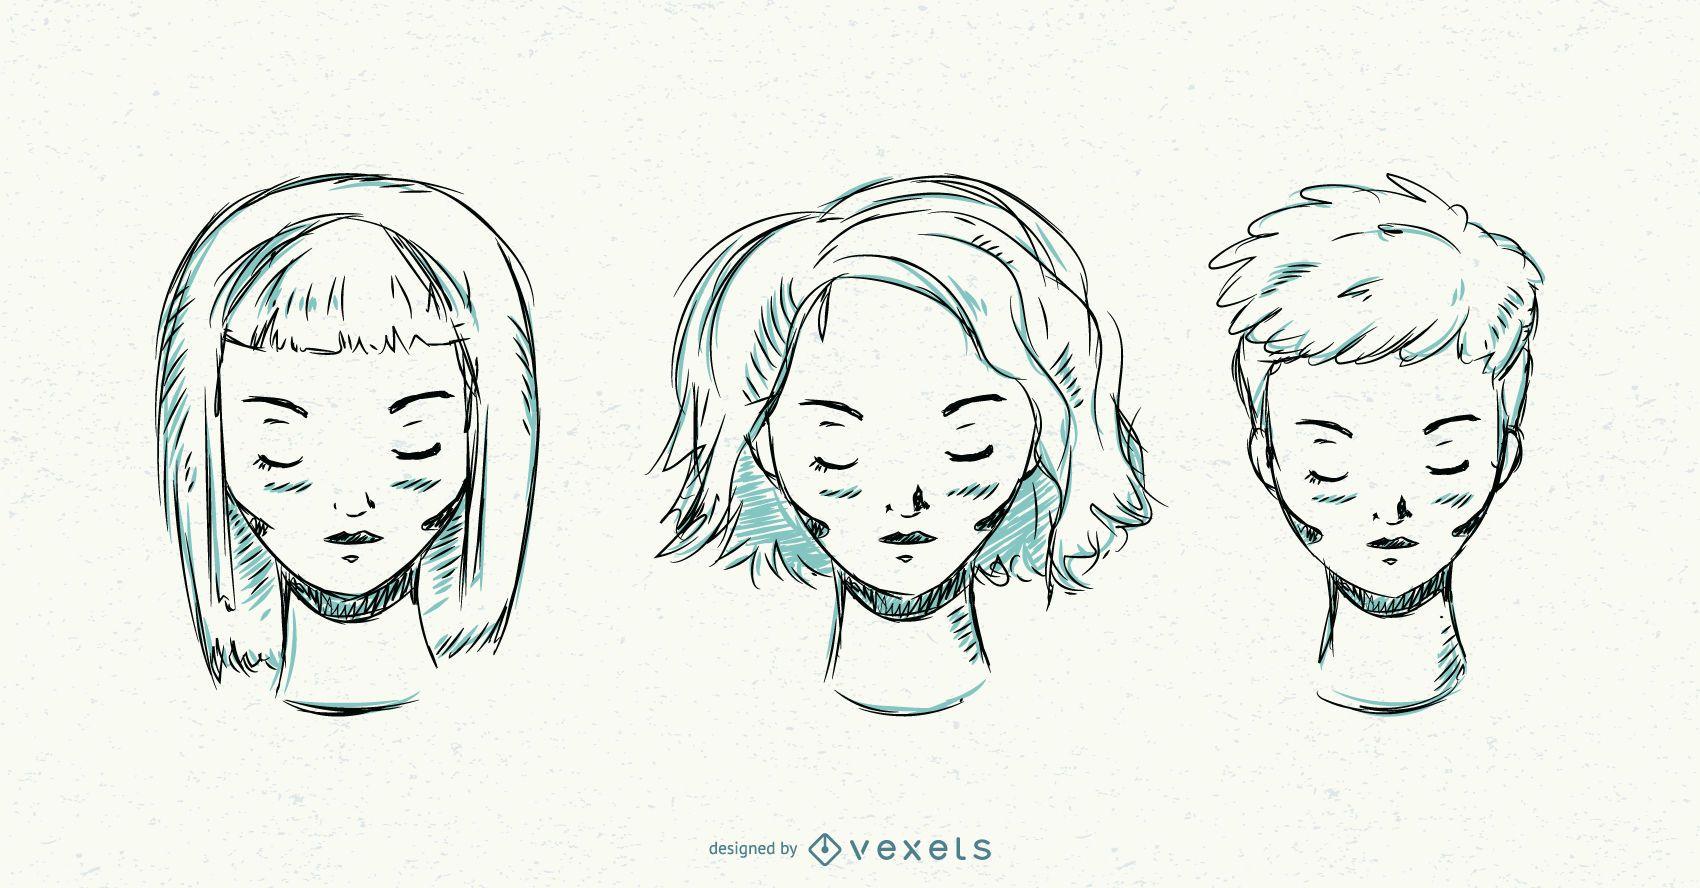 Mulheres penteado curto desenhado ? m?o